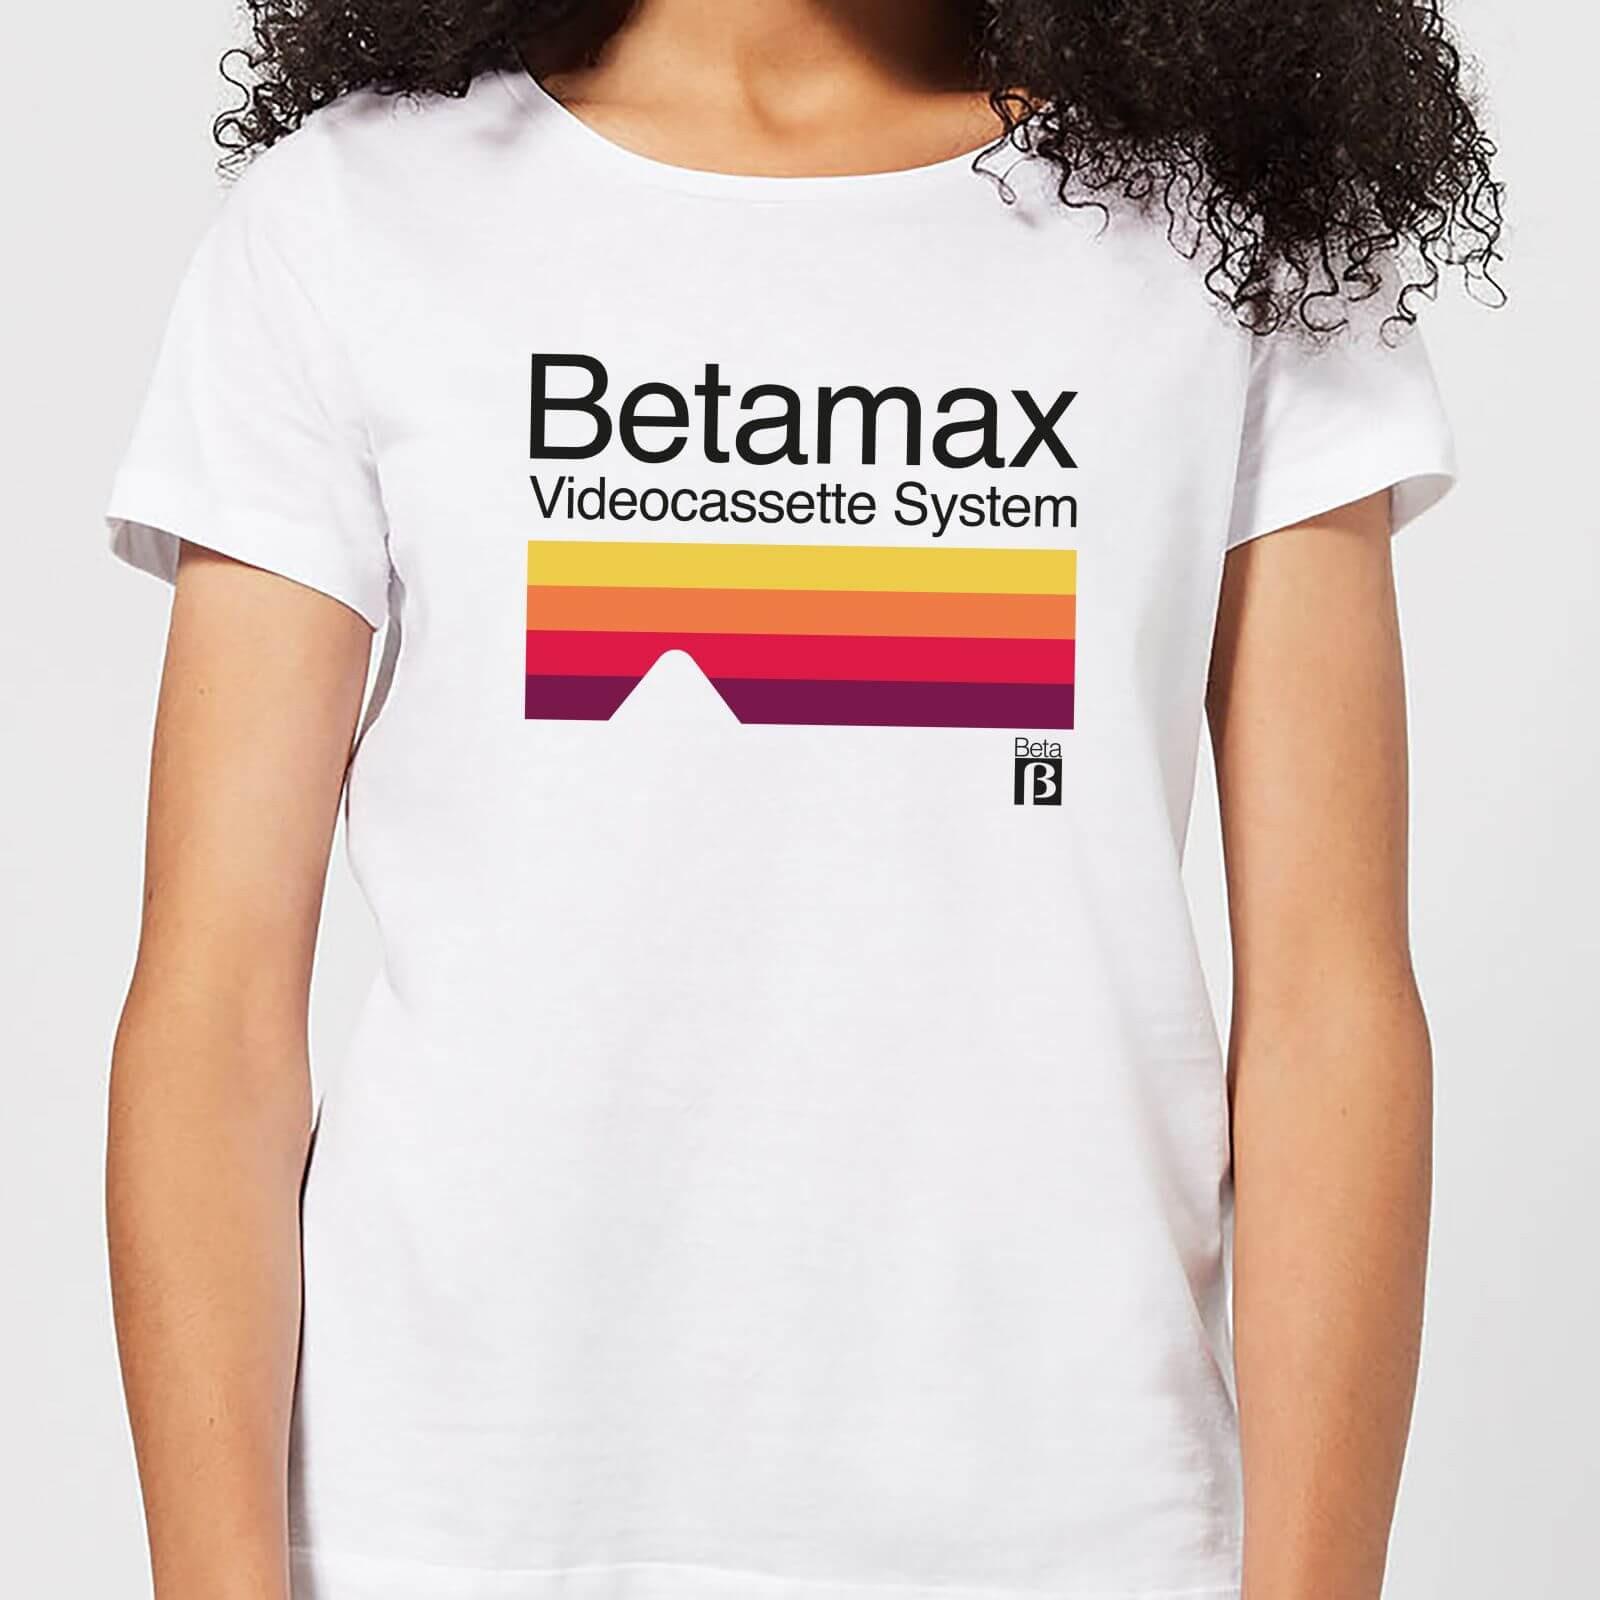 Verschiedene Betamax T-Shirts (Gr. S - XXL) für Damen und Herren für 10,99€